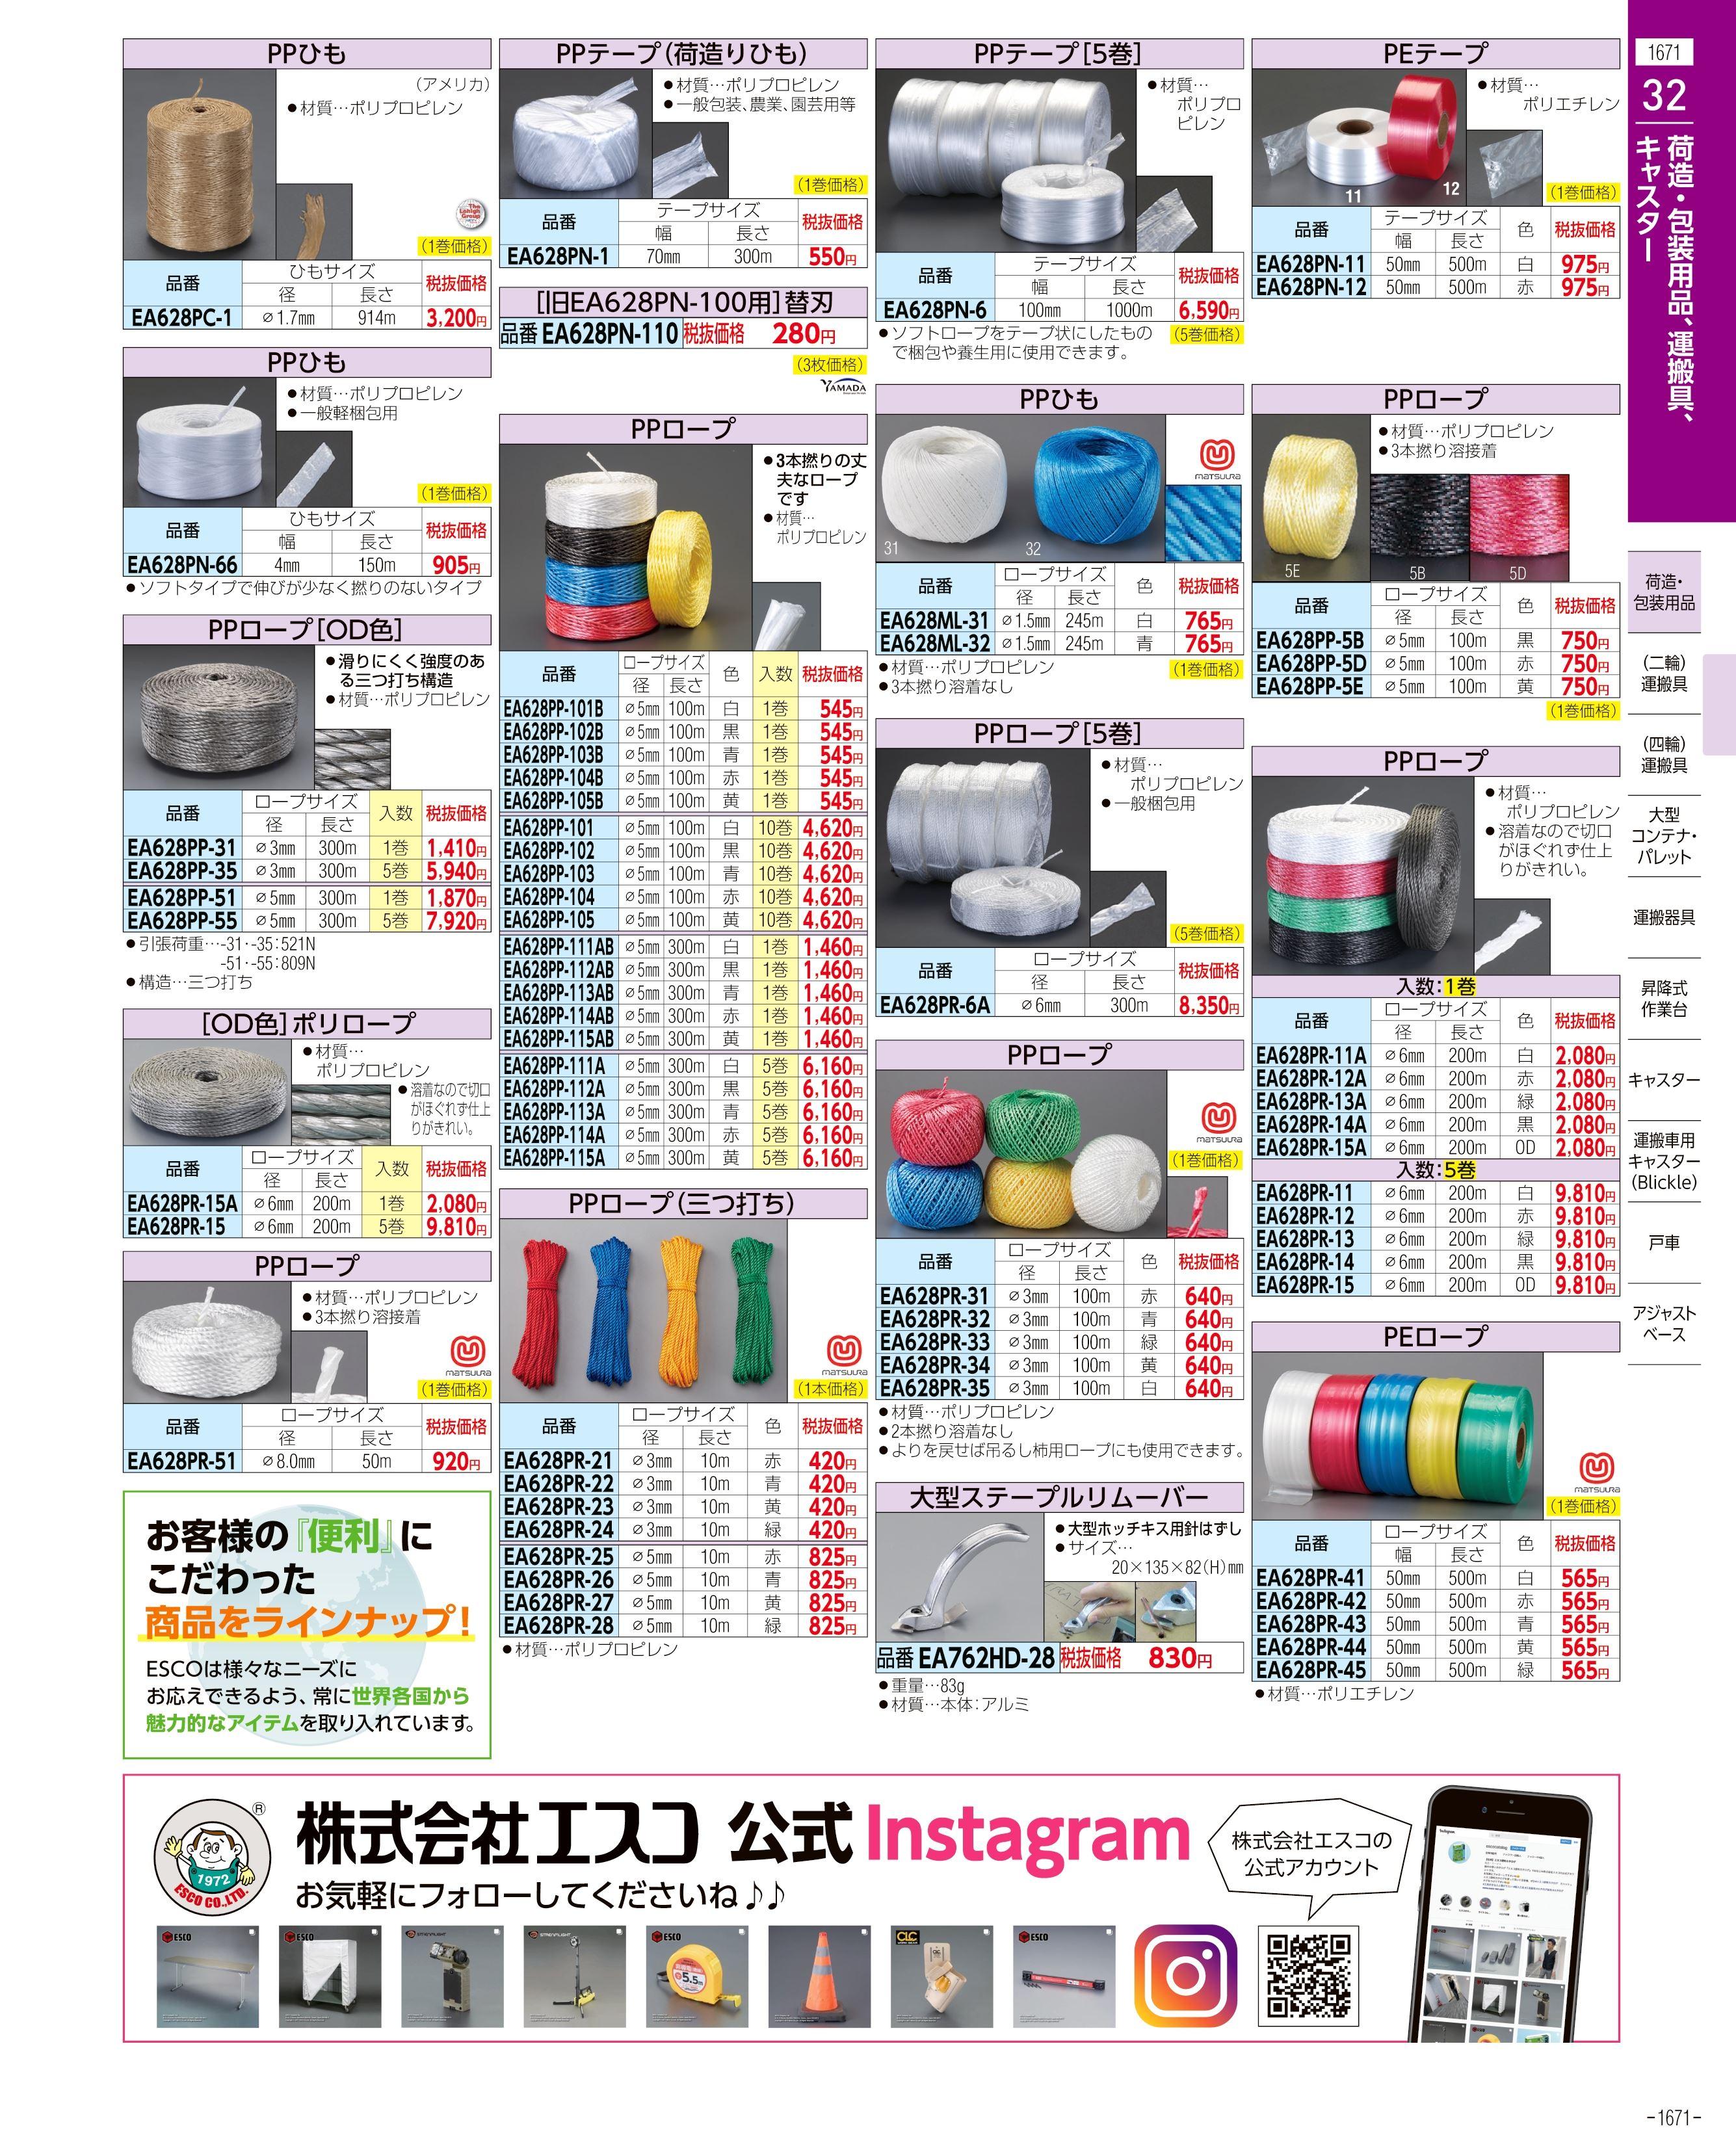 エスコ便利カタログ1671ページ